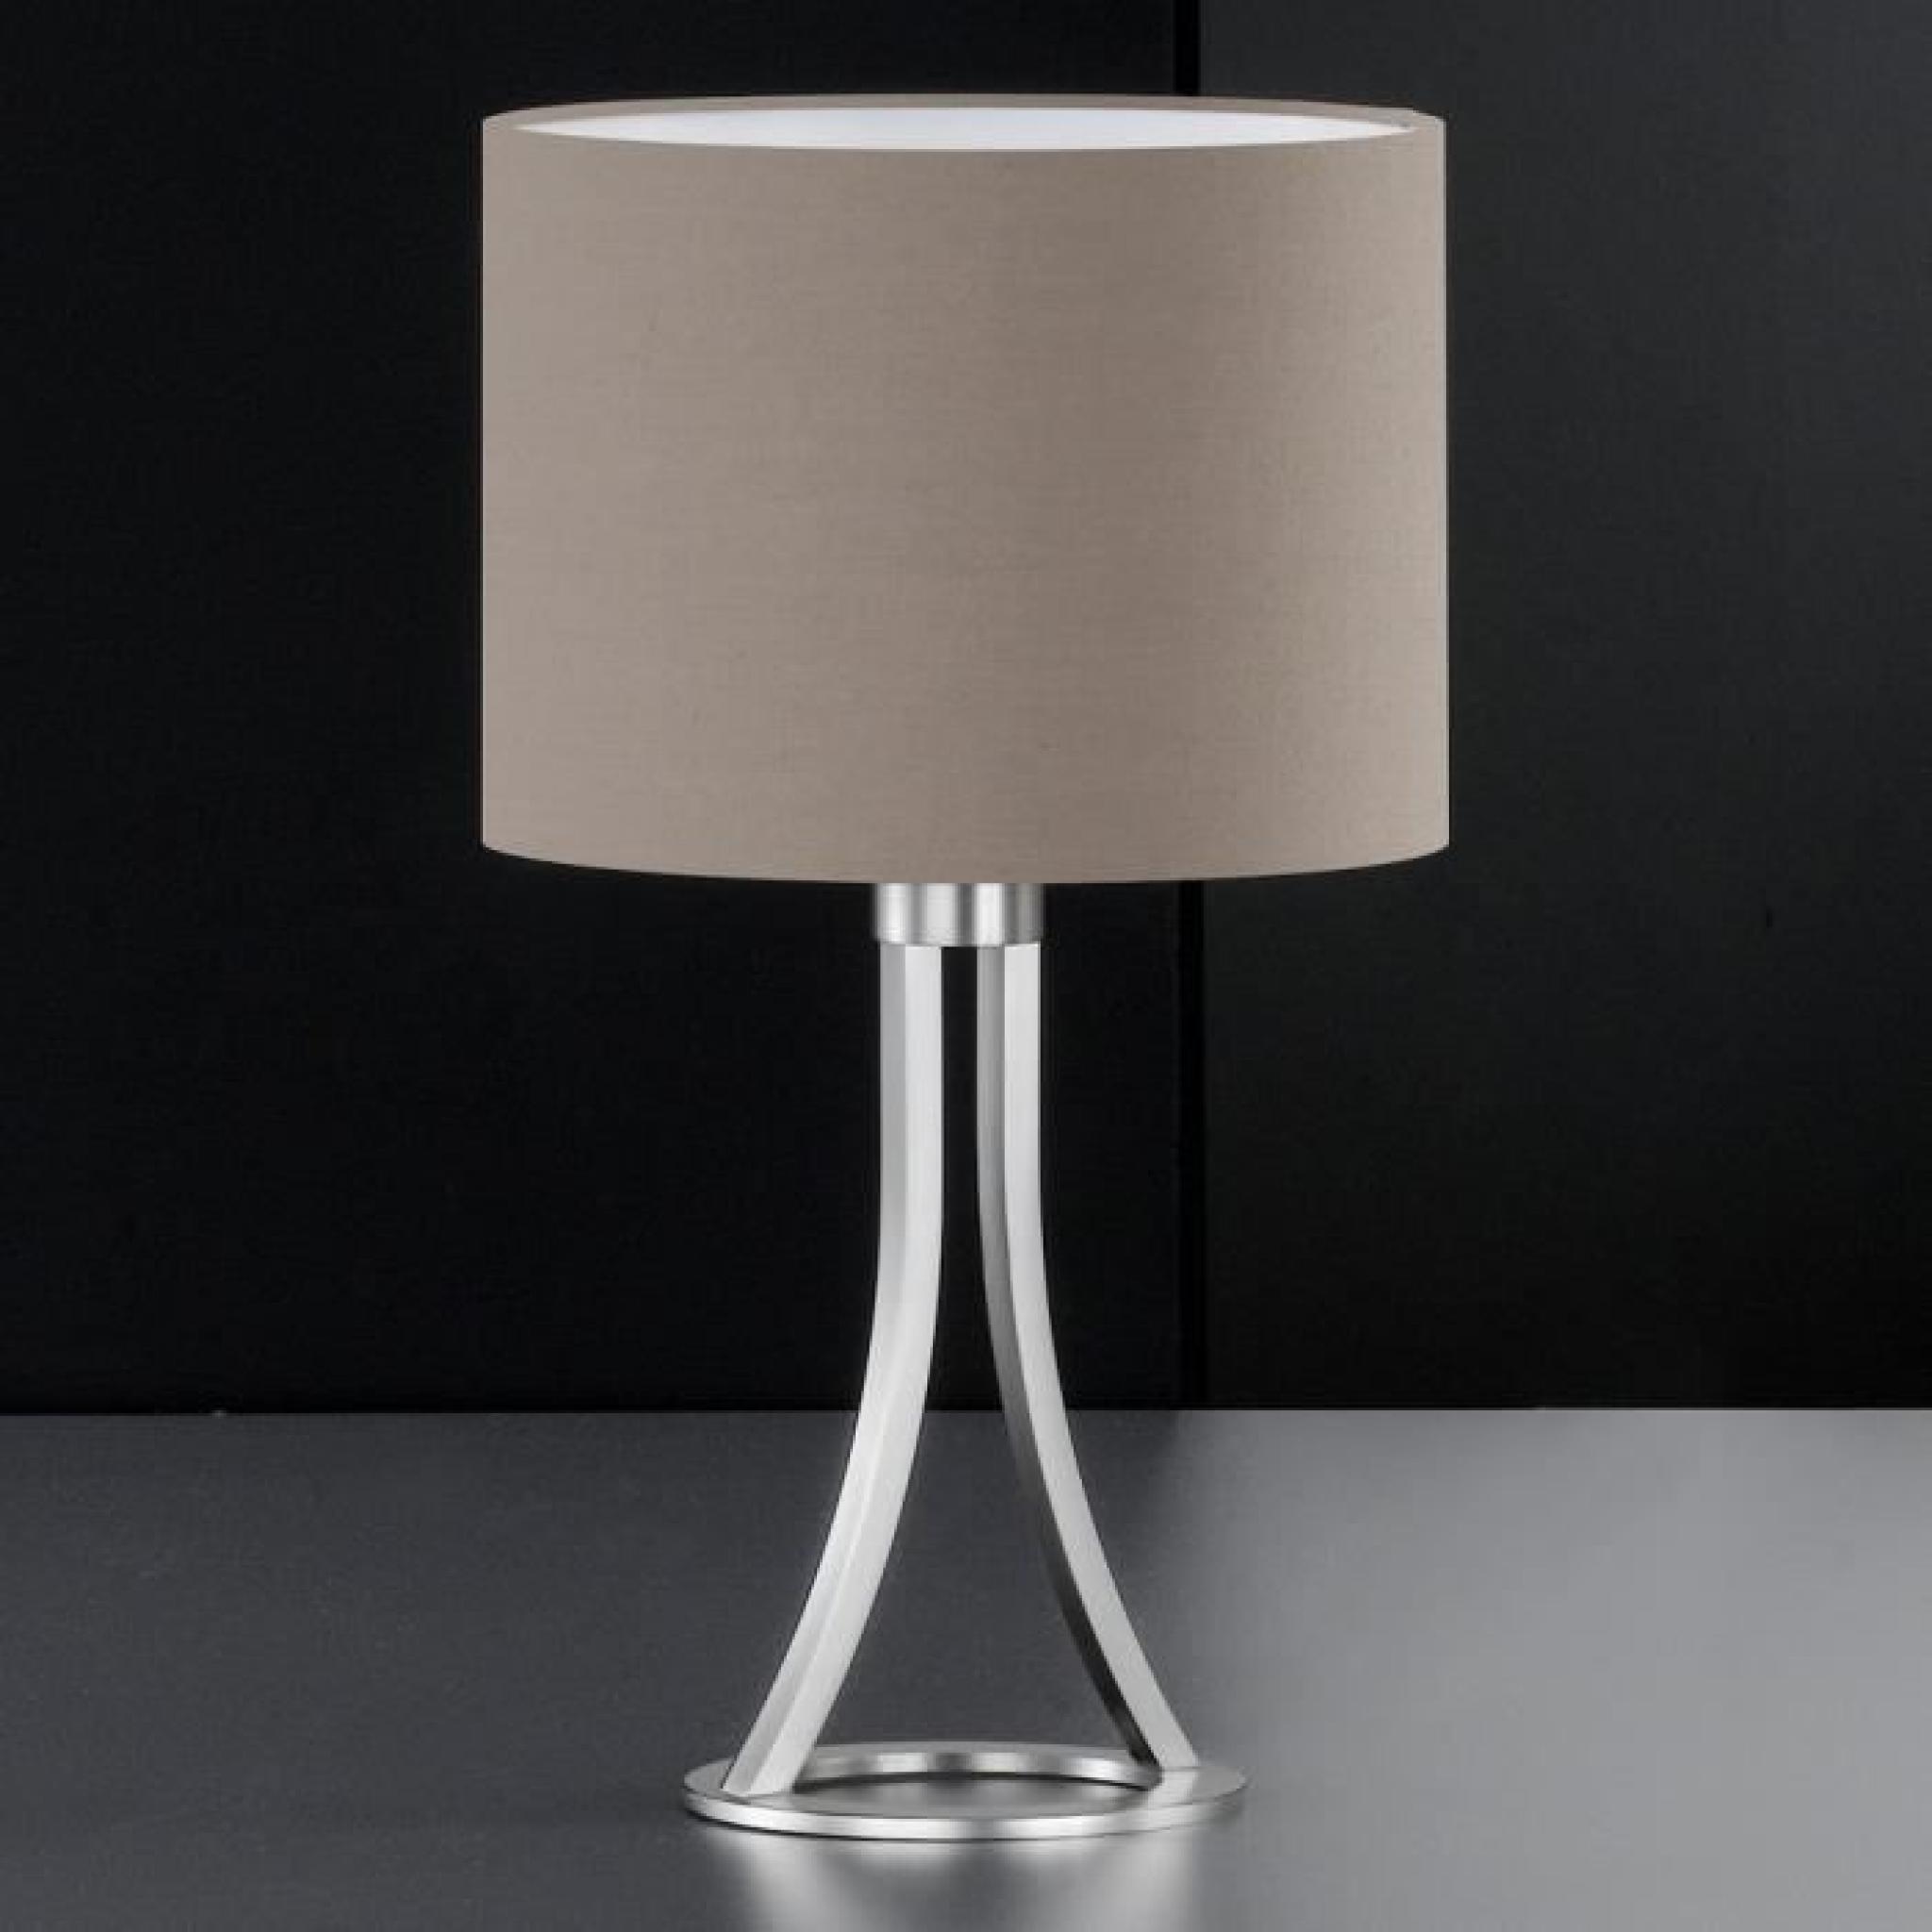 honsel mira 96381 achat vente lampe a poser pas cher couleur et. Black Bedroom Furniture Sets. Home Design Ideas